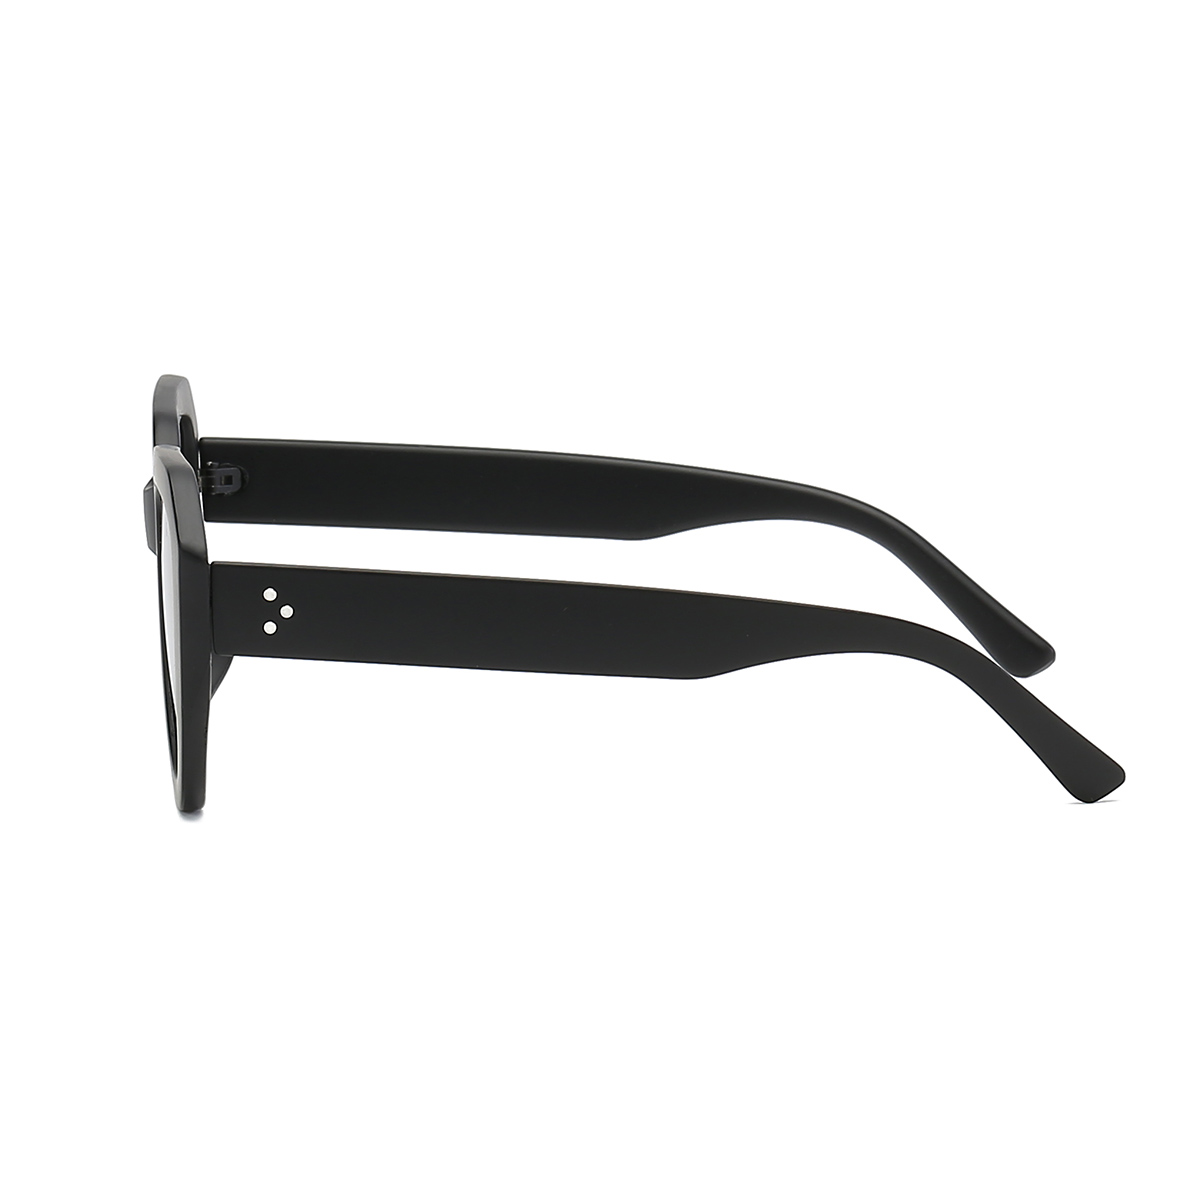 b Donne Qualità Sol Femminile De e Di Modo c Nuove Vista Delle Rettangolo Sole Da A 2019 Oculos d Colori Occhiali Alta q7zEU1